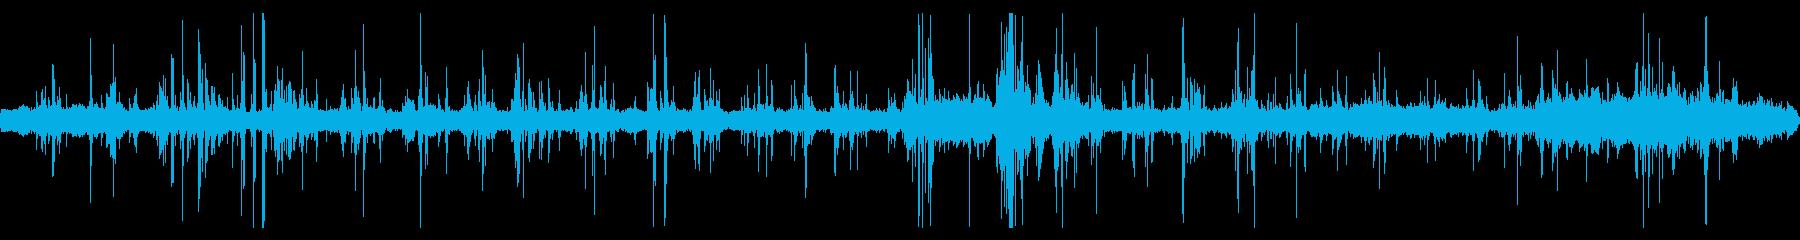 重機が建物を解体している音 14の再生済みの波形